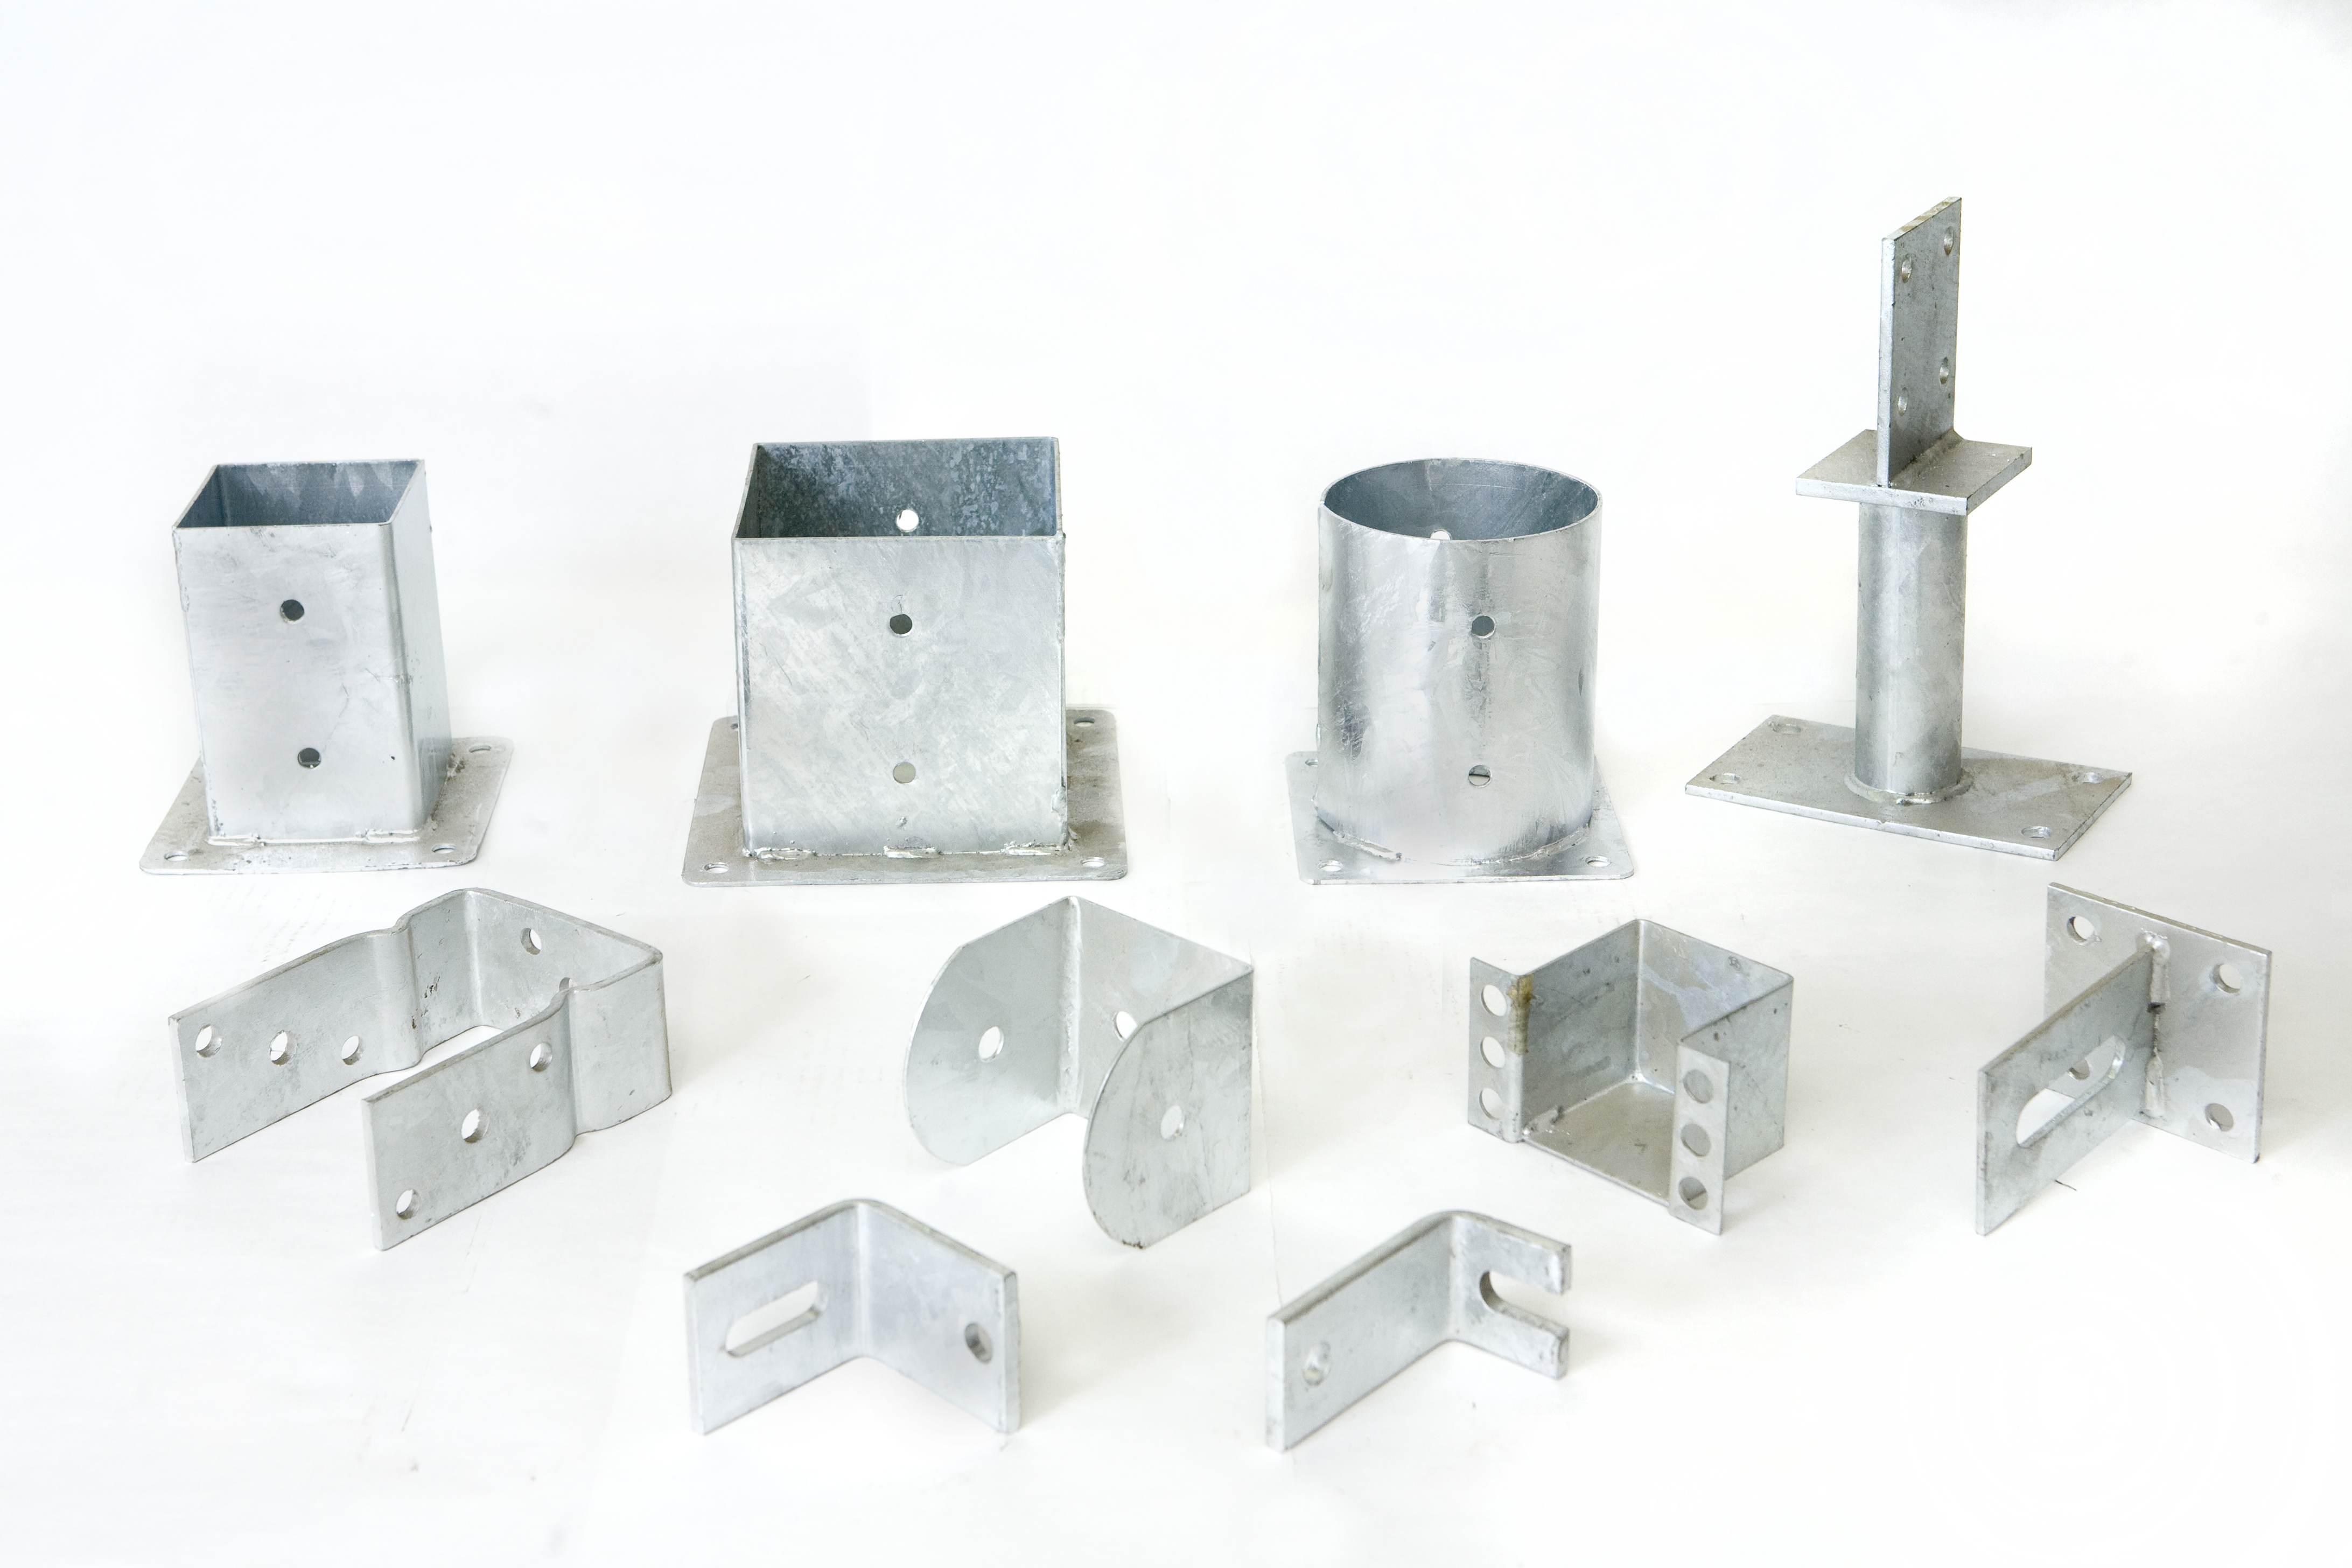 Metales+_52.jpg